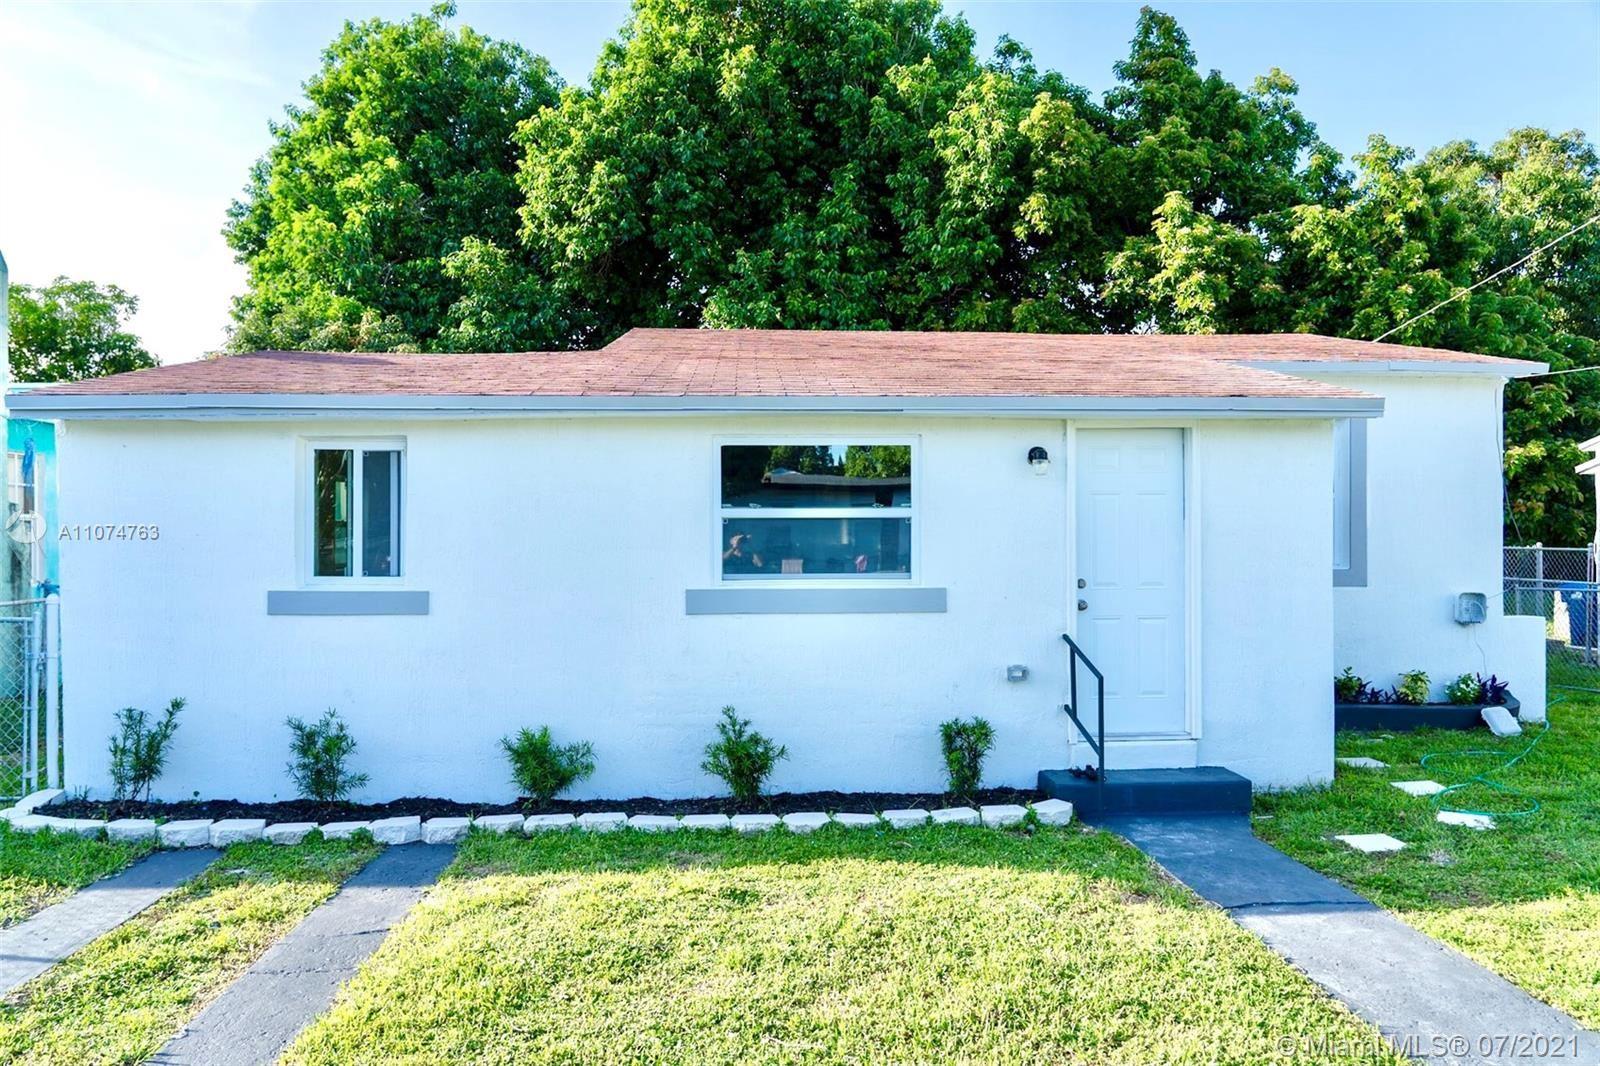 1935 NW 52 St, Miami, FL 33142 - #: A11074763